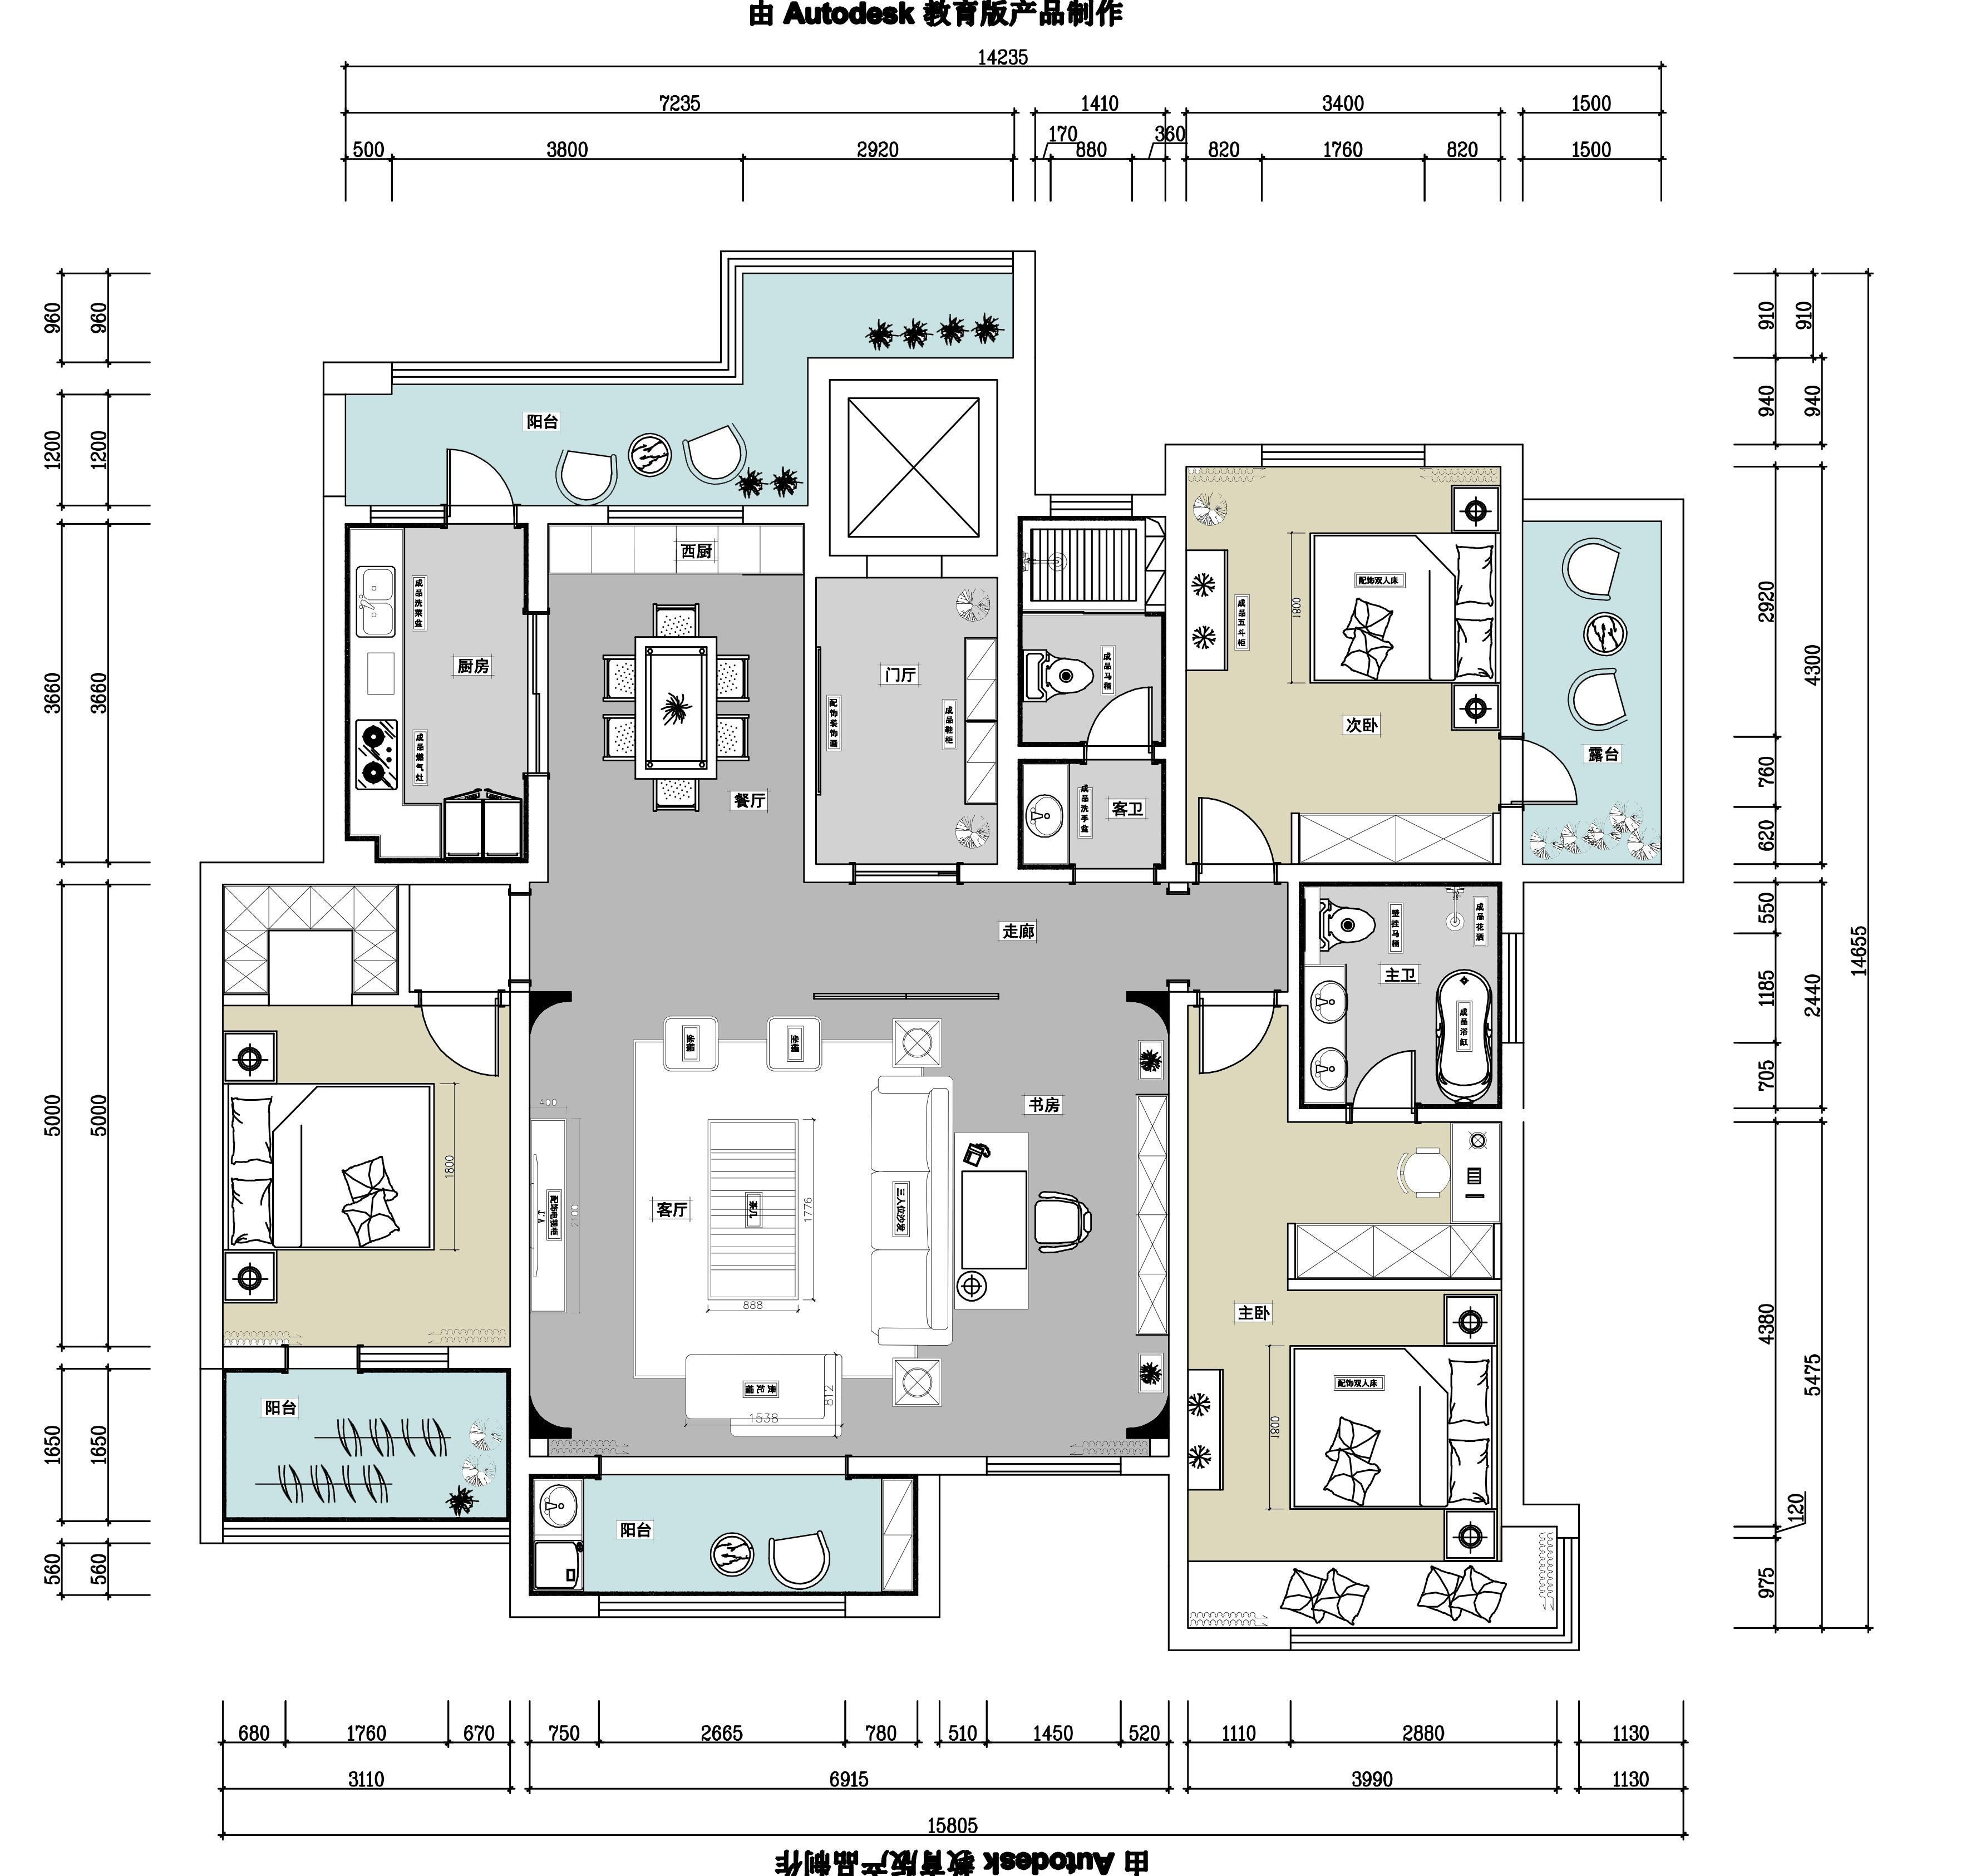 济宁绿地国际城172平户型图 简单的现代风格配有中式的一些材料搭配